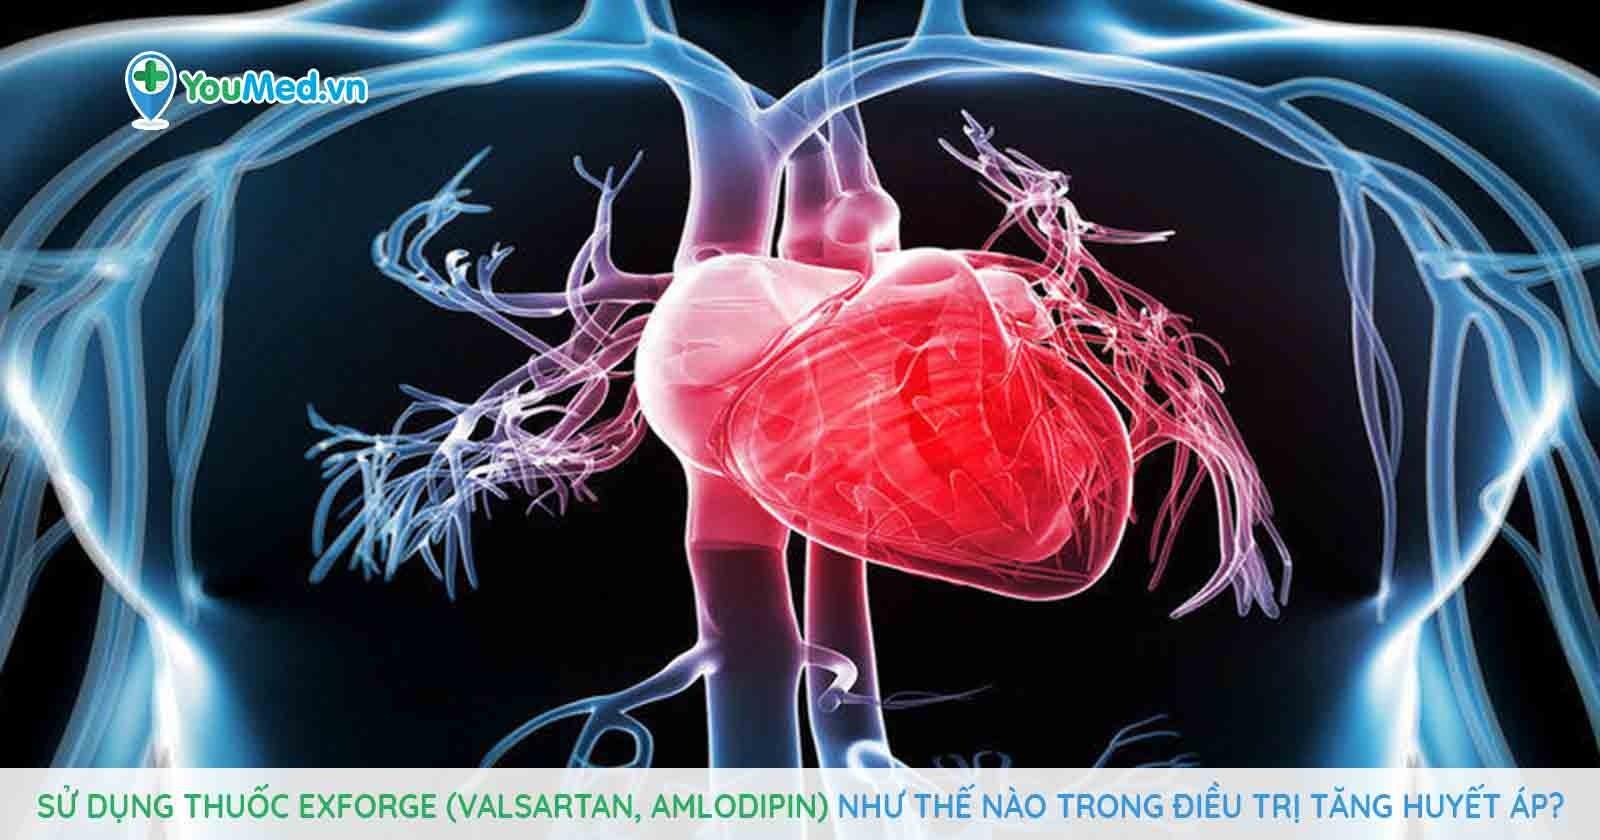 Sử dụng thuốc Exforge (valsartan, amlodipin) như thế nào trong điều trị tăng huyết áp?